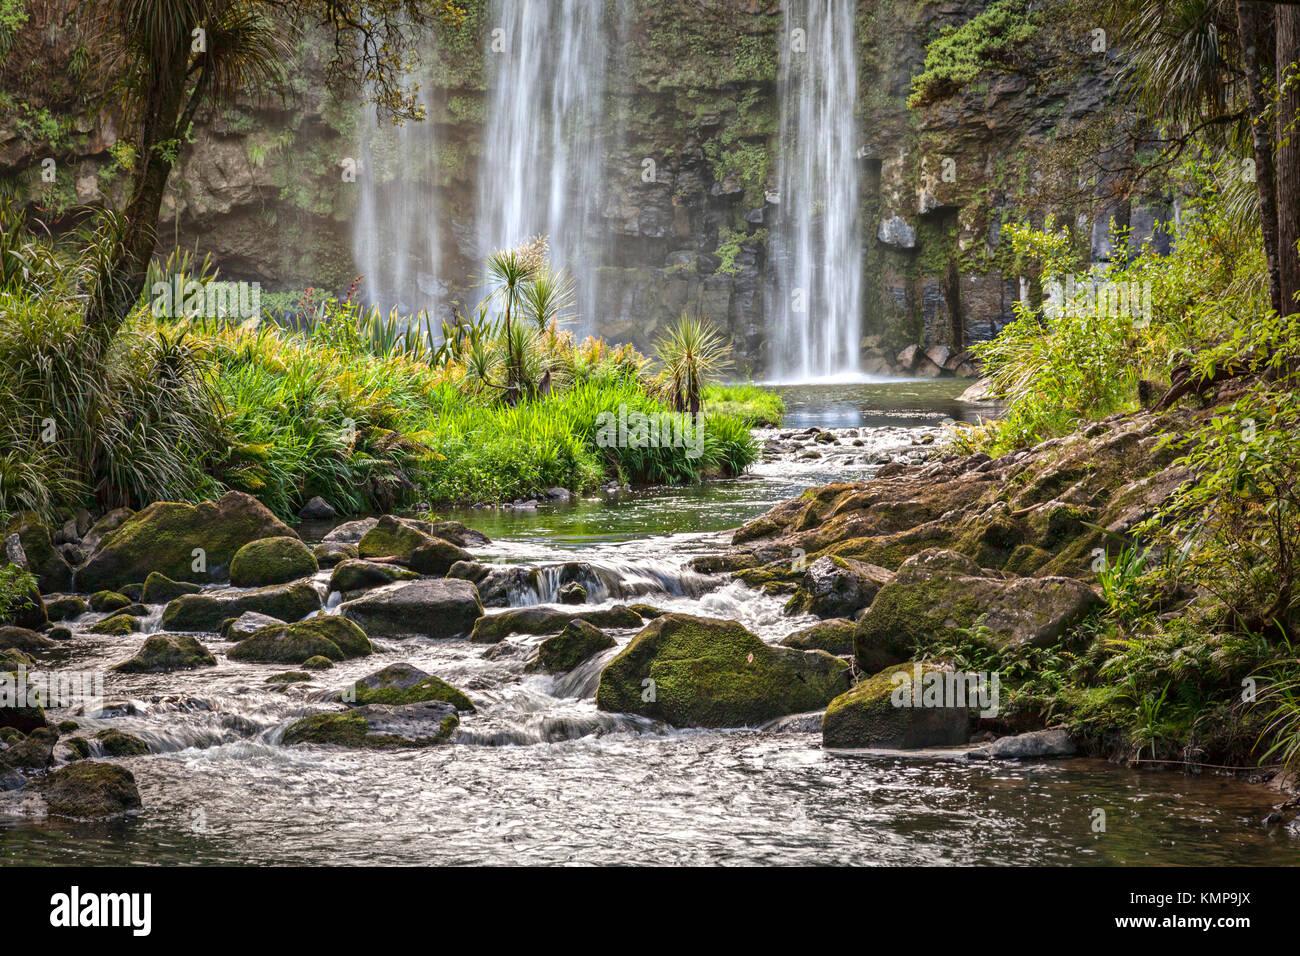 El Río Hatea debajo de las cataratas en Whangarei en Northland, Nueva Zelanda. Foto de stock